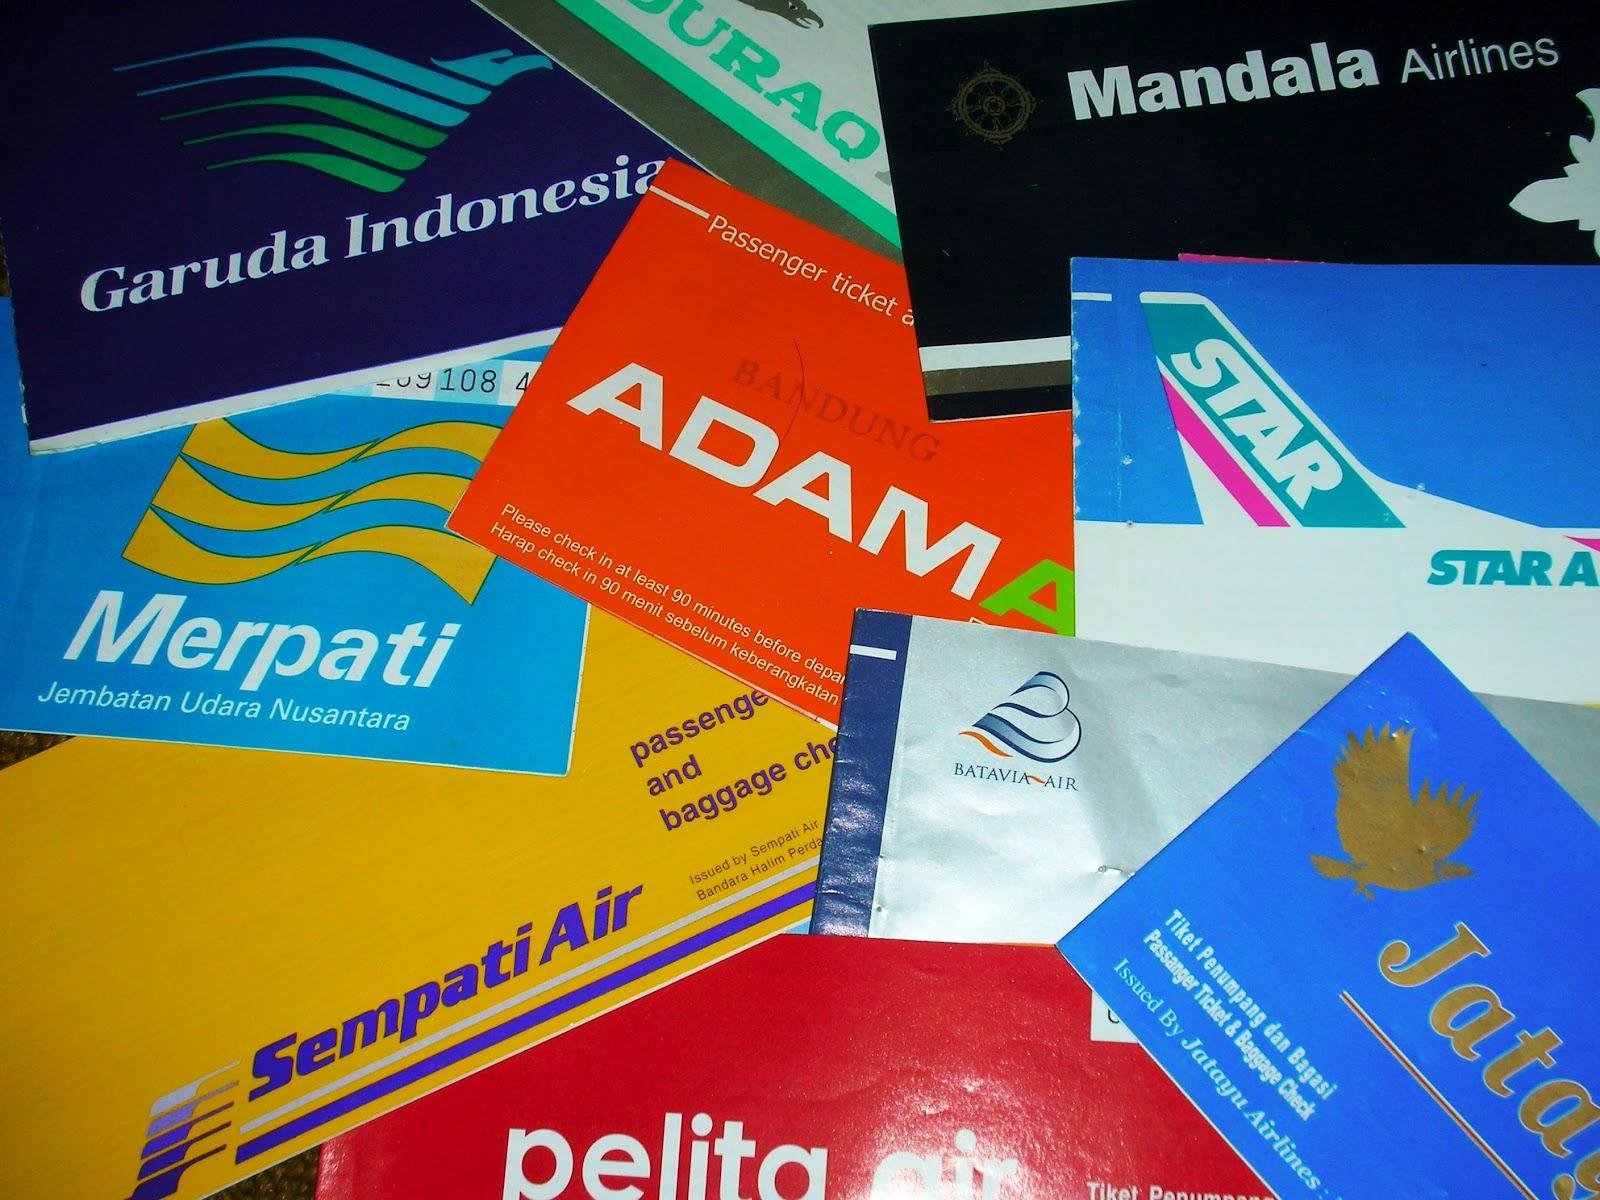 Daftar Harga Tiket Pesawat Murah Terbaru 2012. Info Promo Tiket